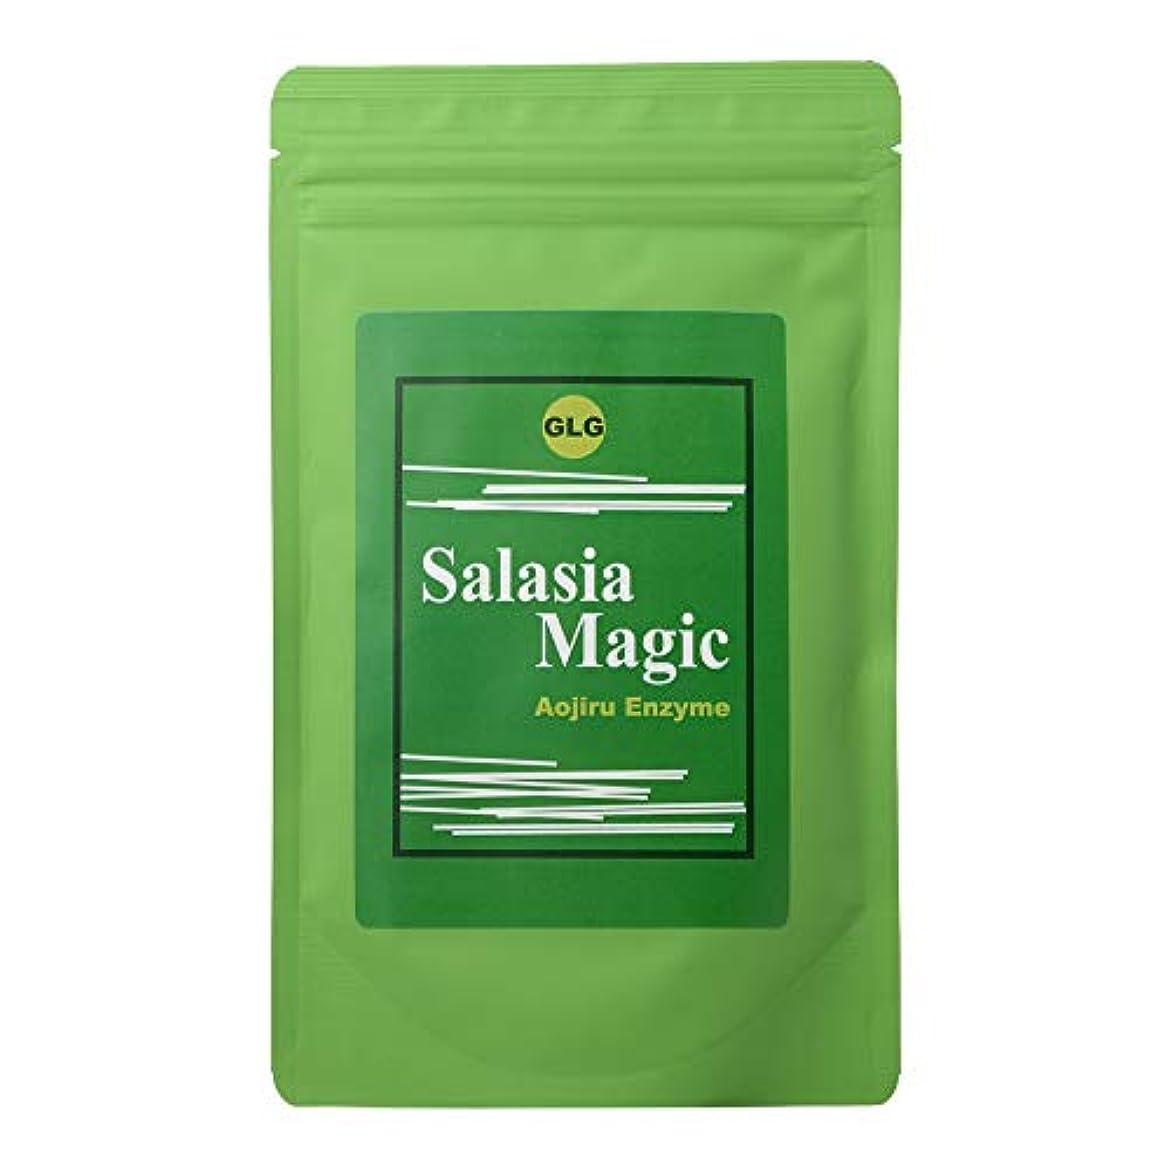 マラソンそれによってペインギリックサラシアマジック 青汁酵素 (ダイエットドリンク) お茶 健康飲料 粉末 [内容量150g/ 説明書付き]